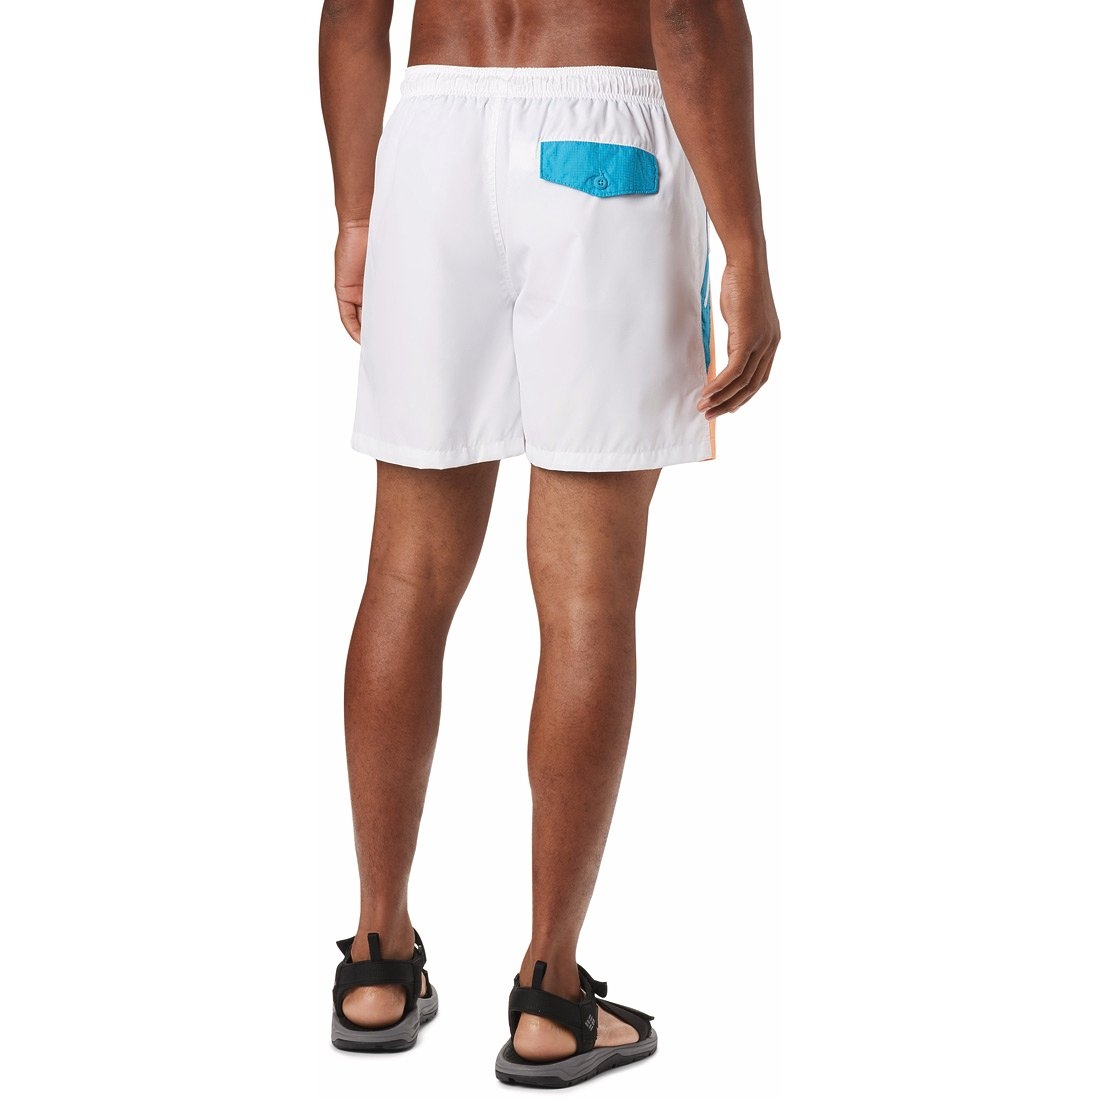 מכנסיים קצרים לגברים - Riptide Short - Columbia